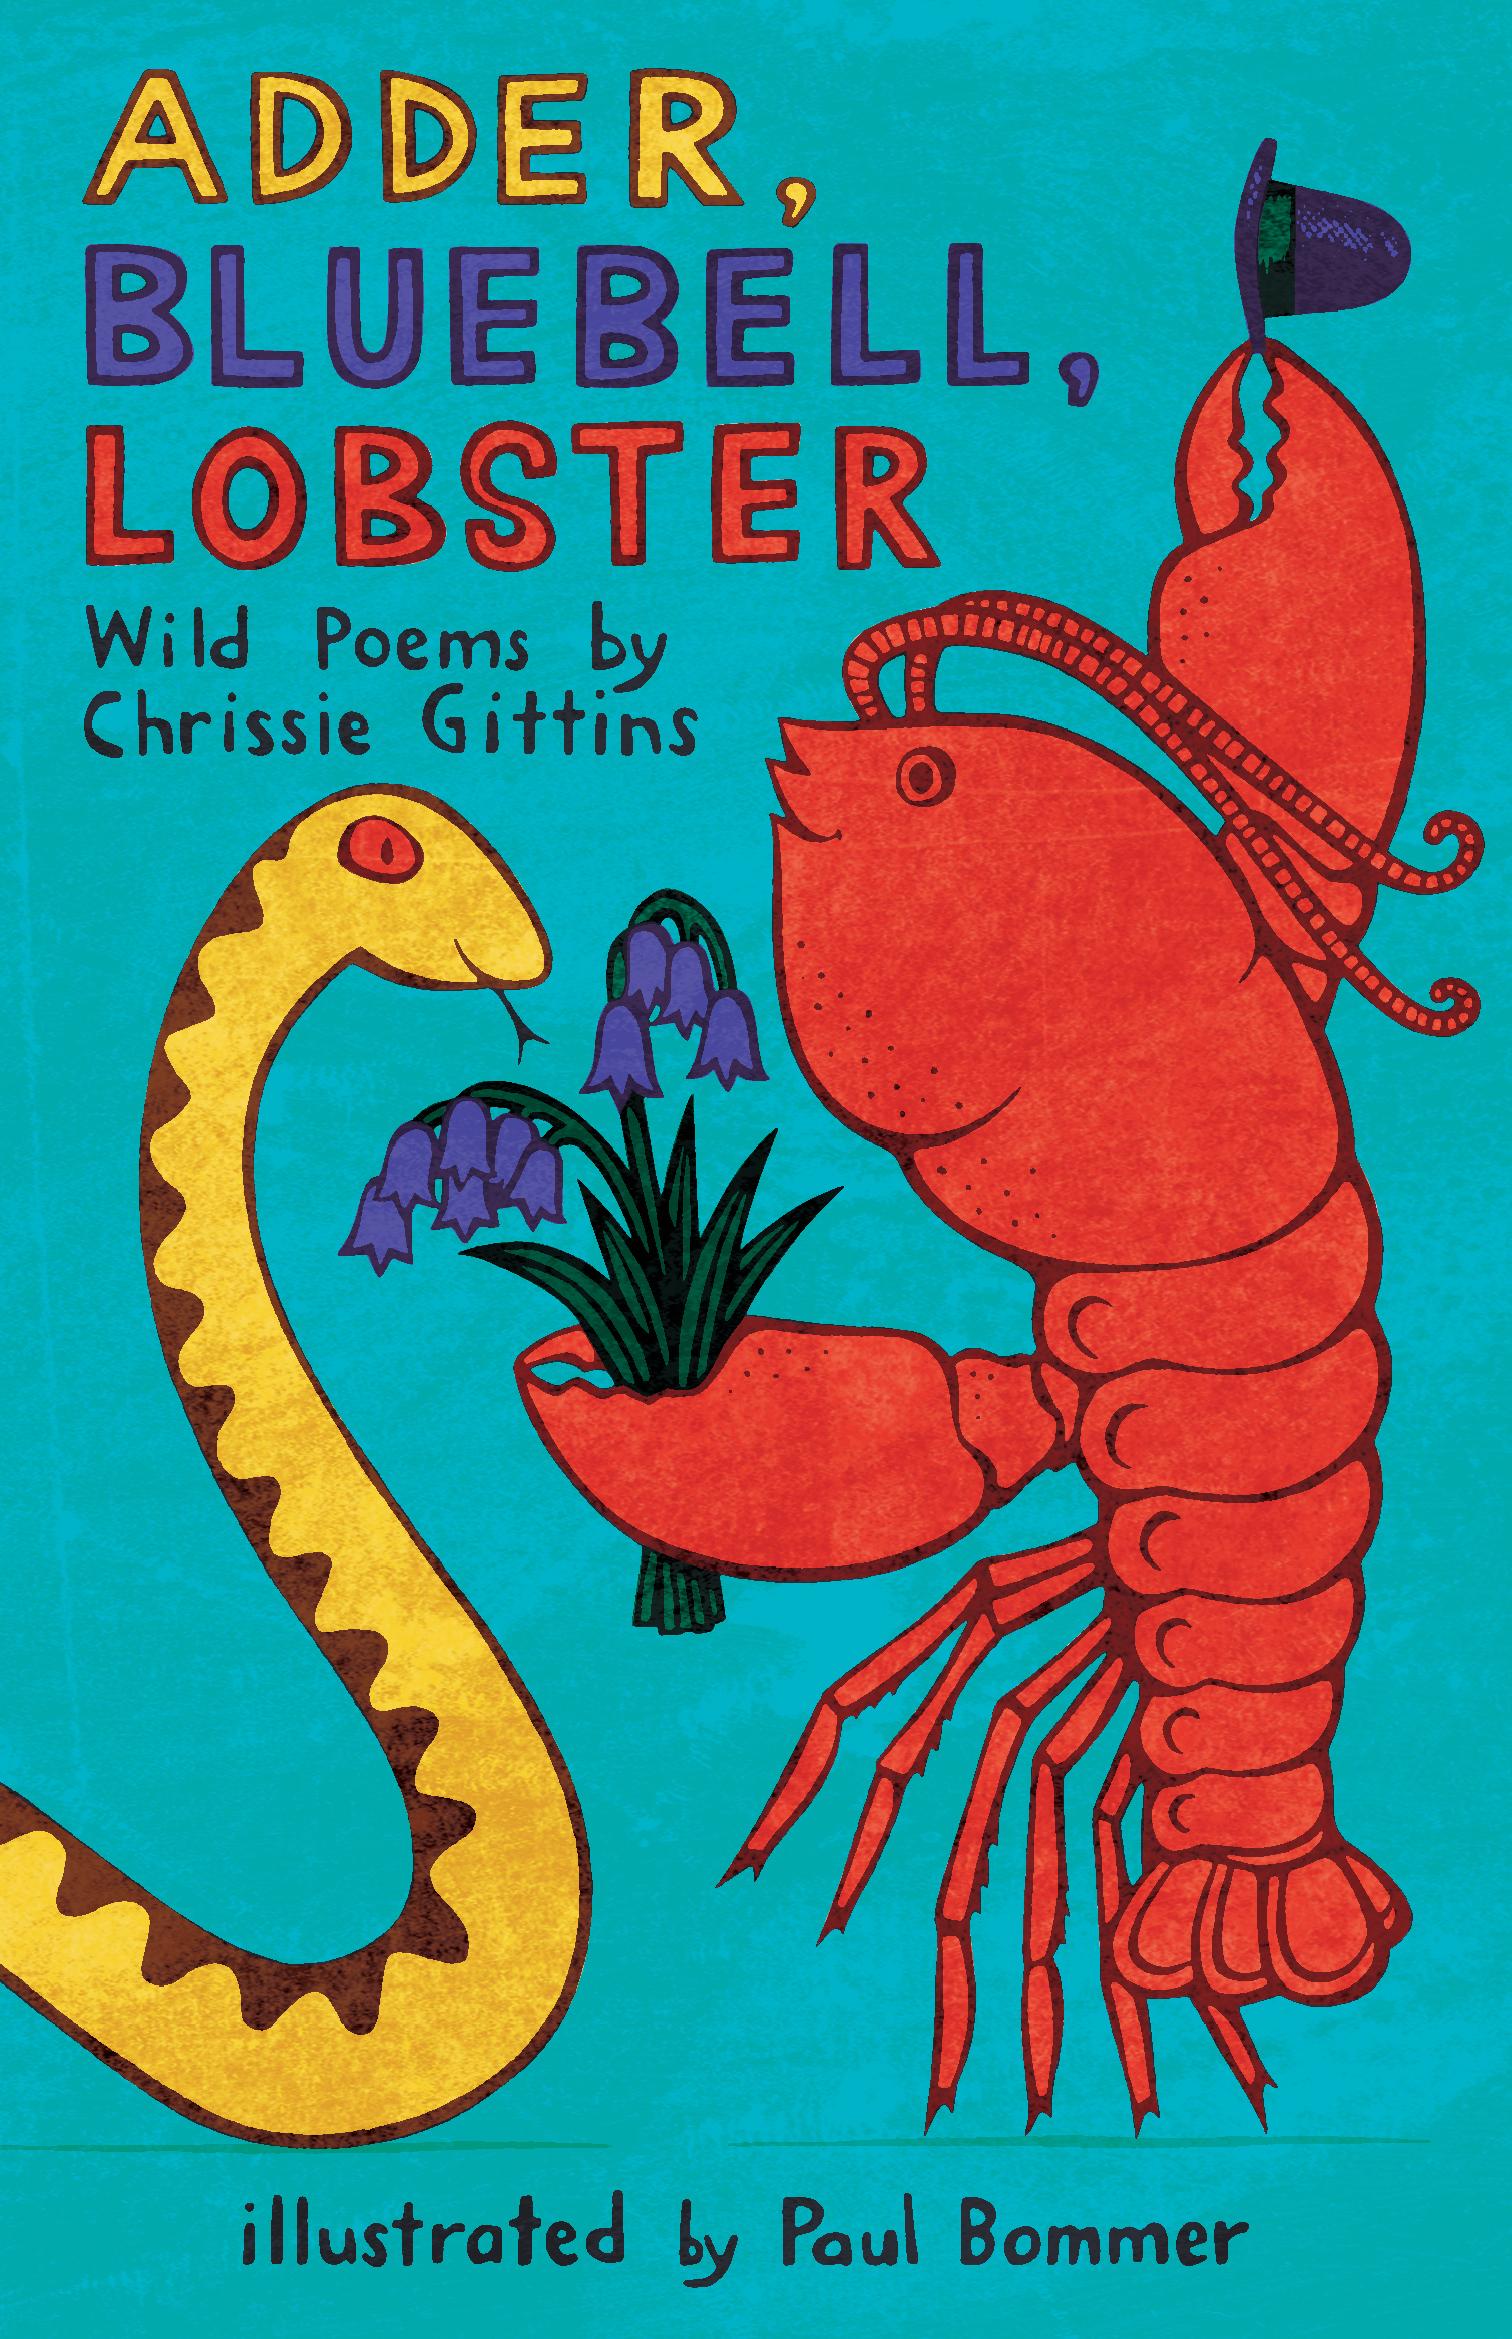 Adder,Bluebell,Lobster